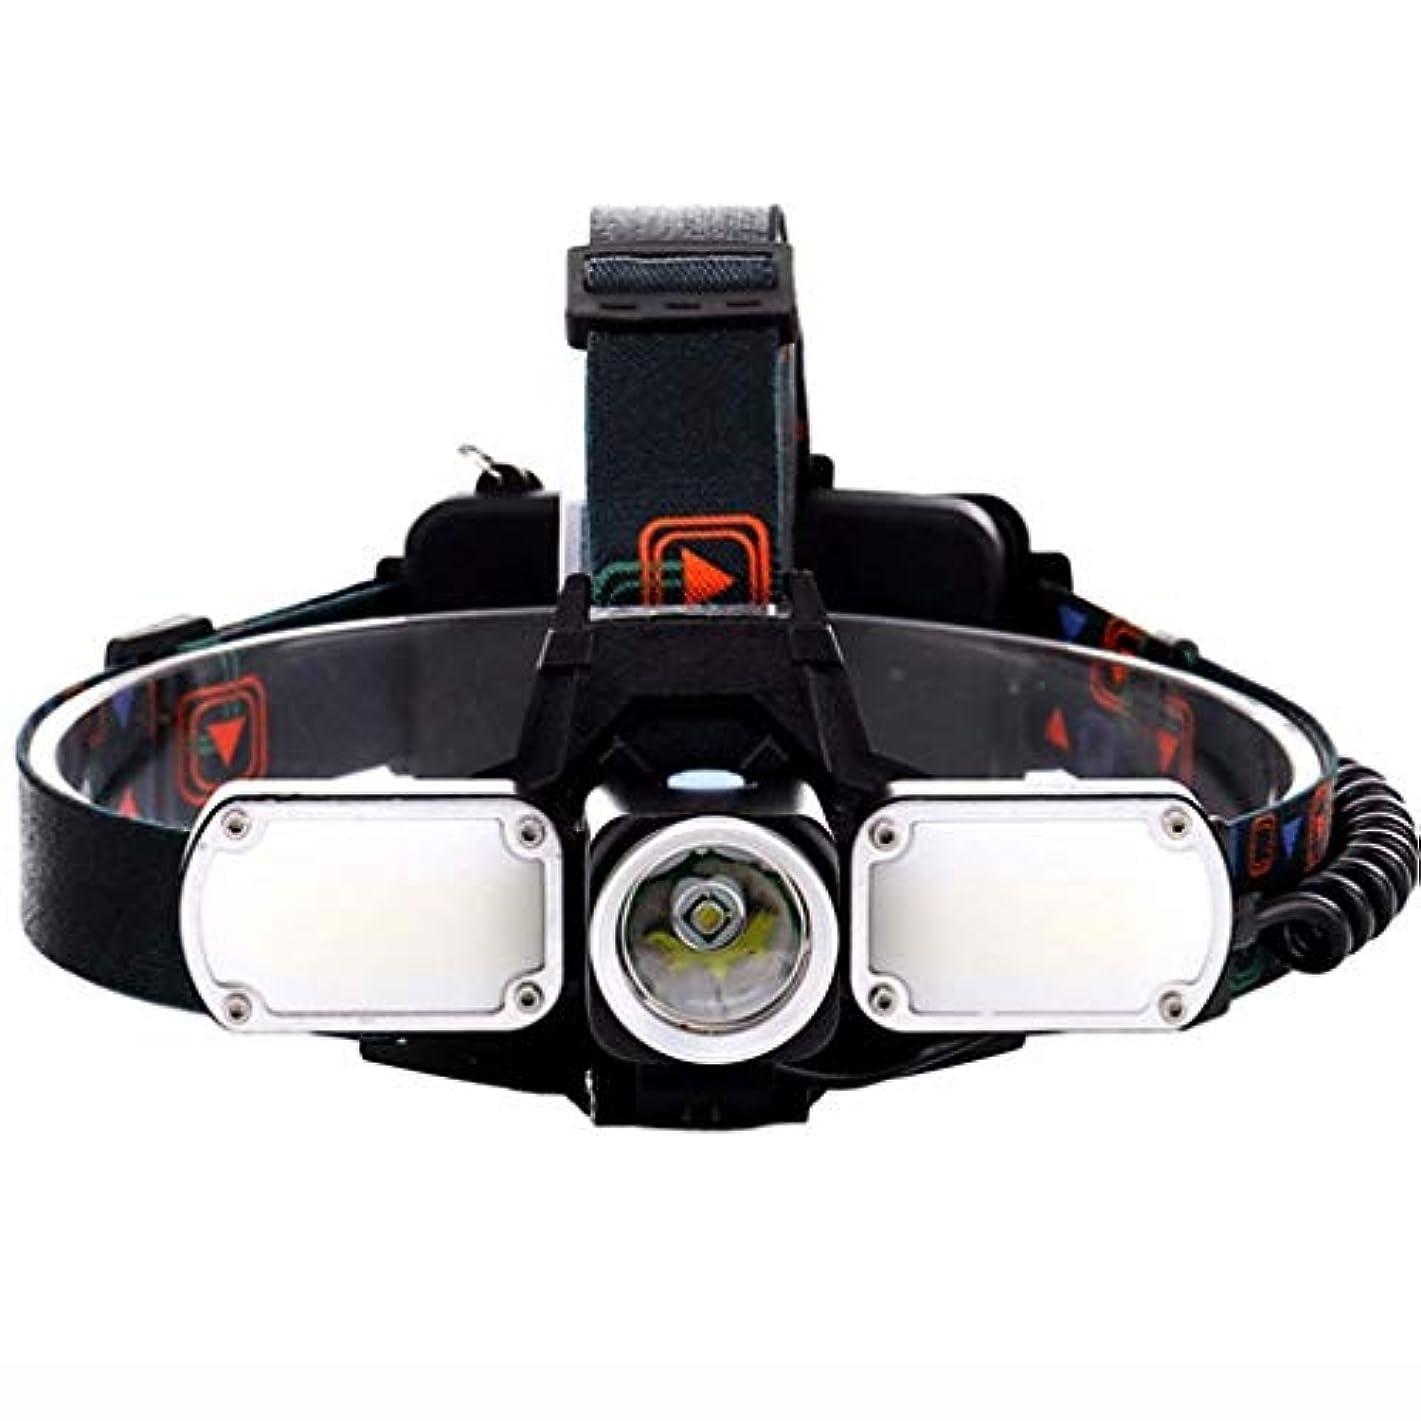 近くアデレード犬YDXYZ LEDヘッドランプヘッドライト、充電式防水ヘッドライト、多機能スーパーブライト登山釣り、クライミング、キャンプヘッドライト